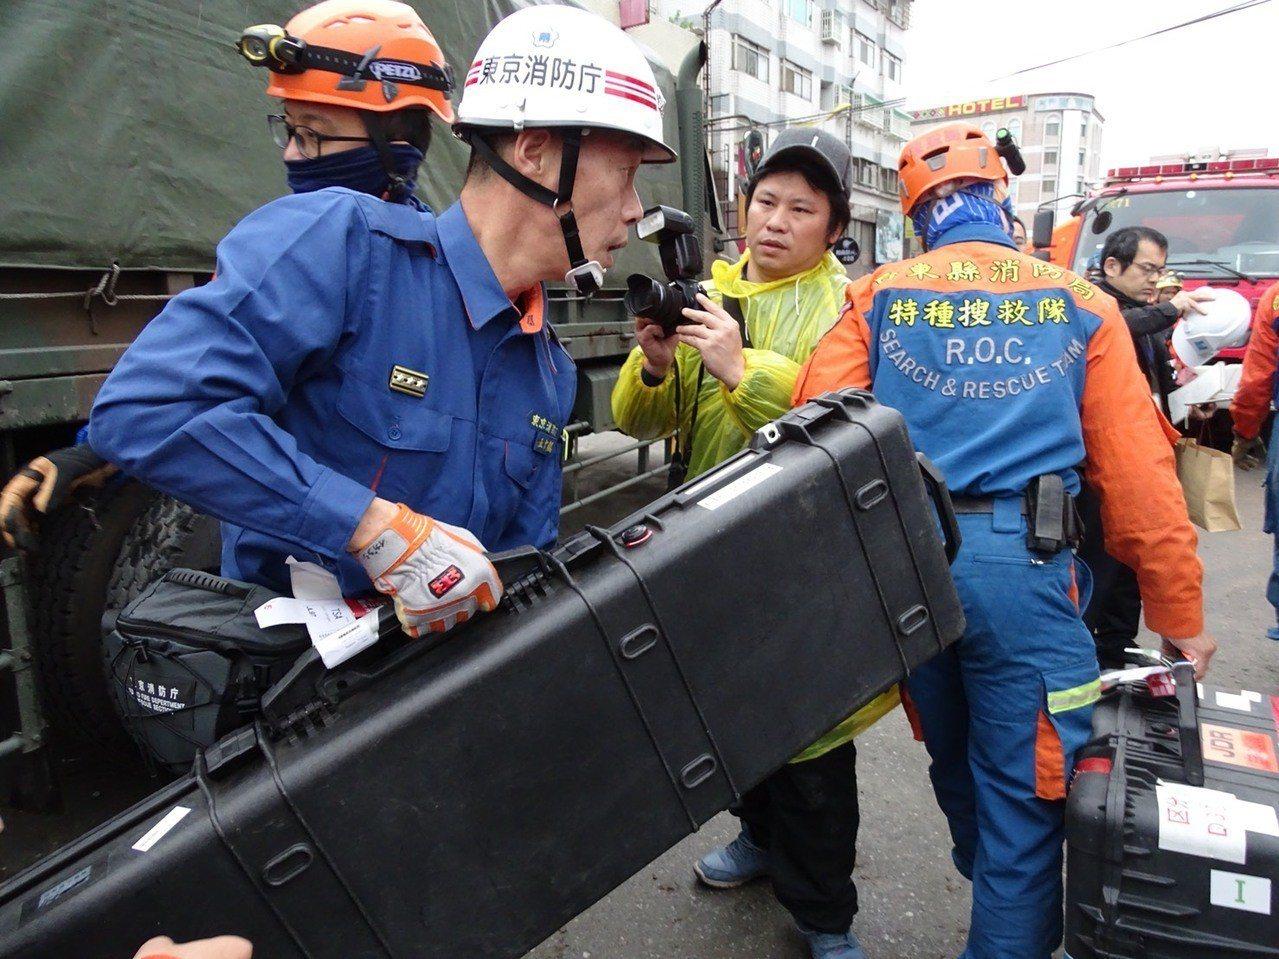 日本搜救隊帶來的生命探測儀器目前尚未找到活體。記者江孟謙/攝影